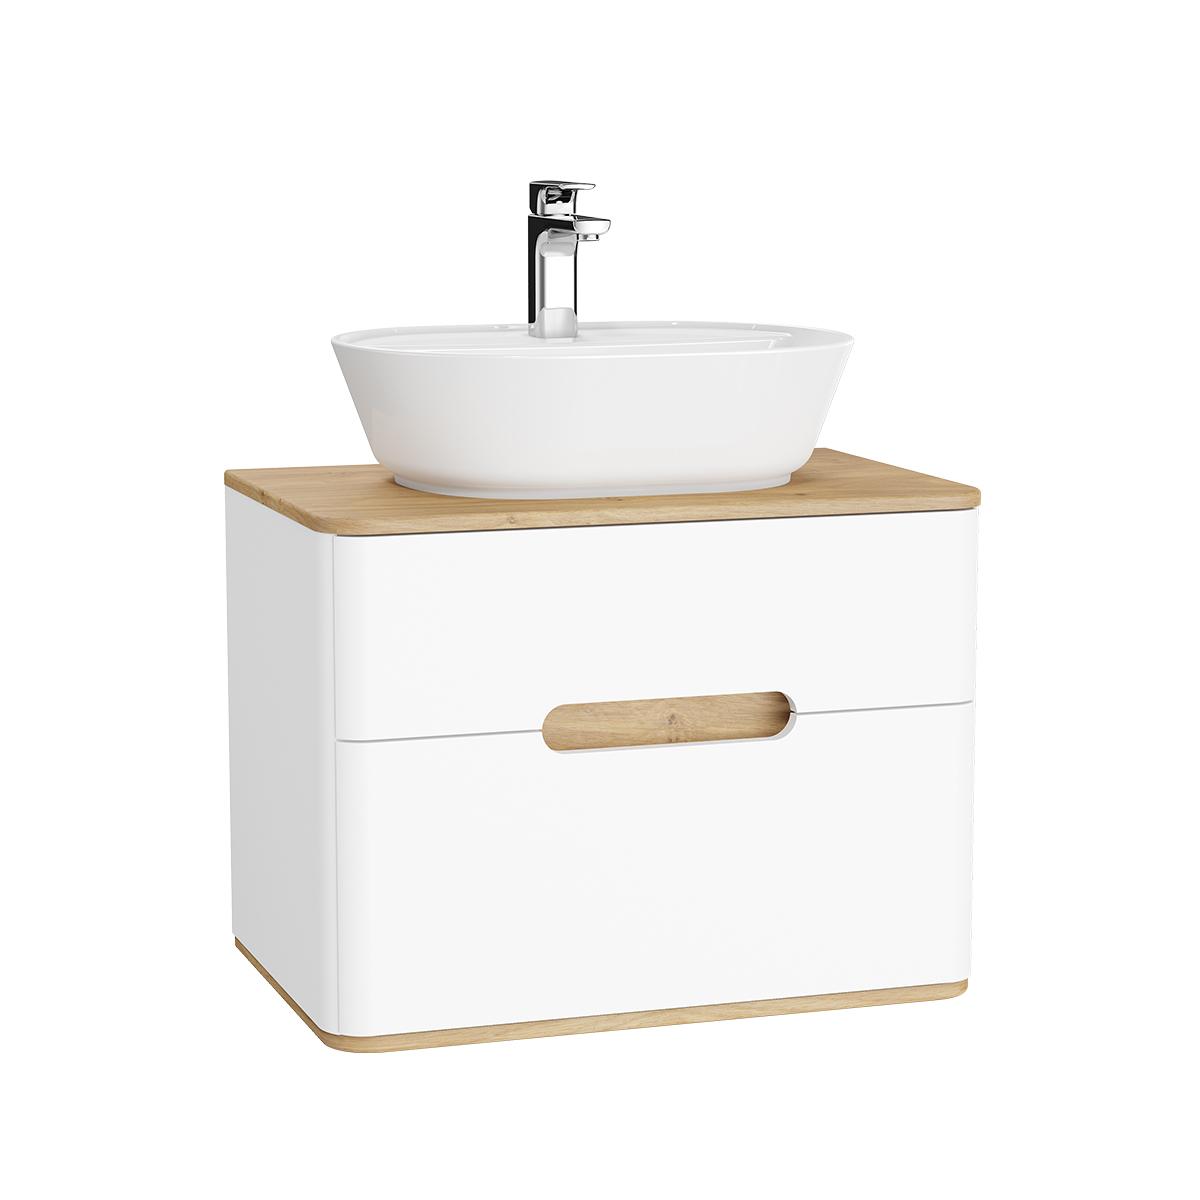 Sento Waschtischunterschrank, 70 cm, für Aufsatzwaschtische, mit 2 Vollauszügen, Weiß Matt